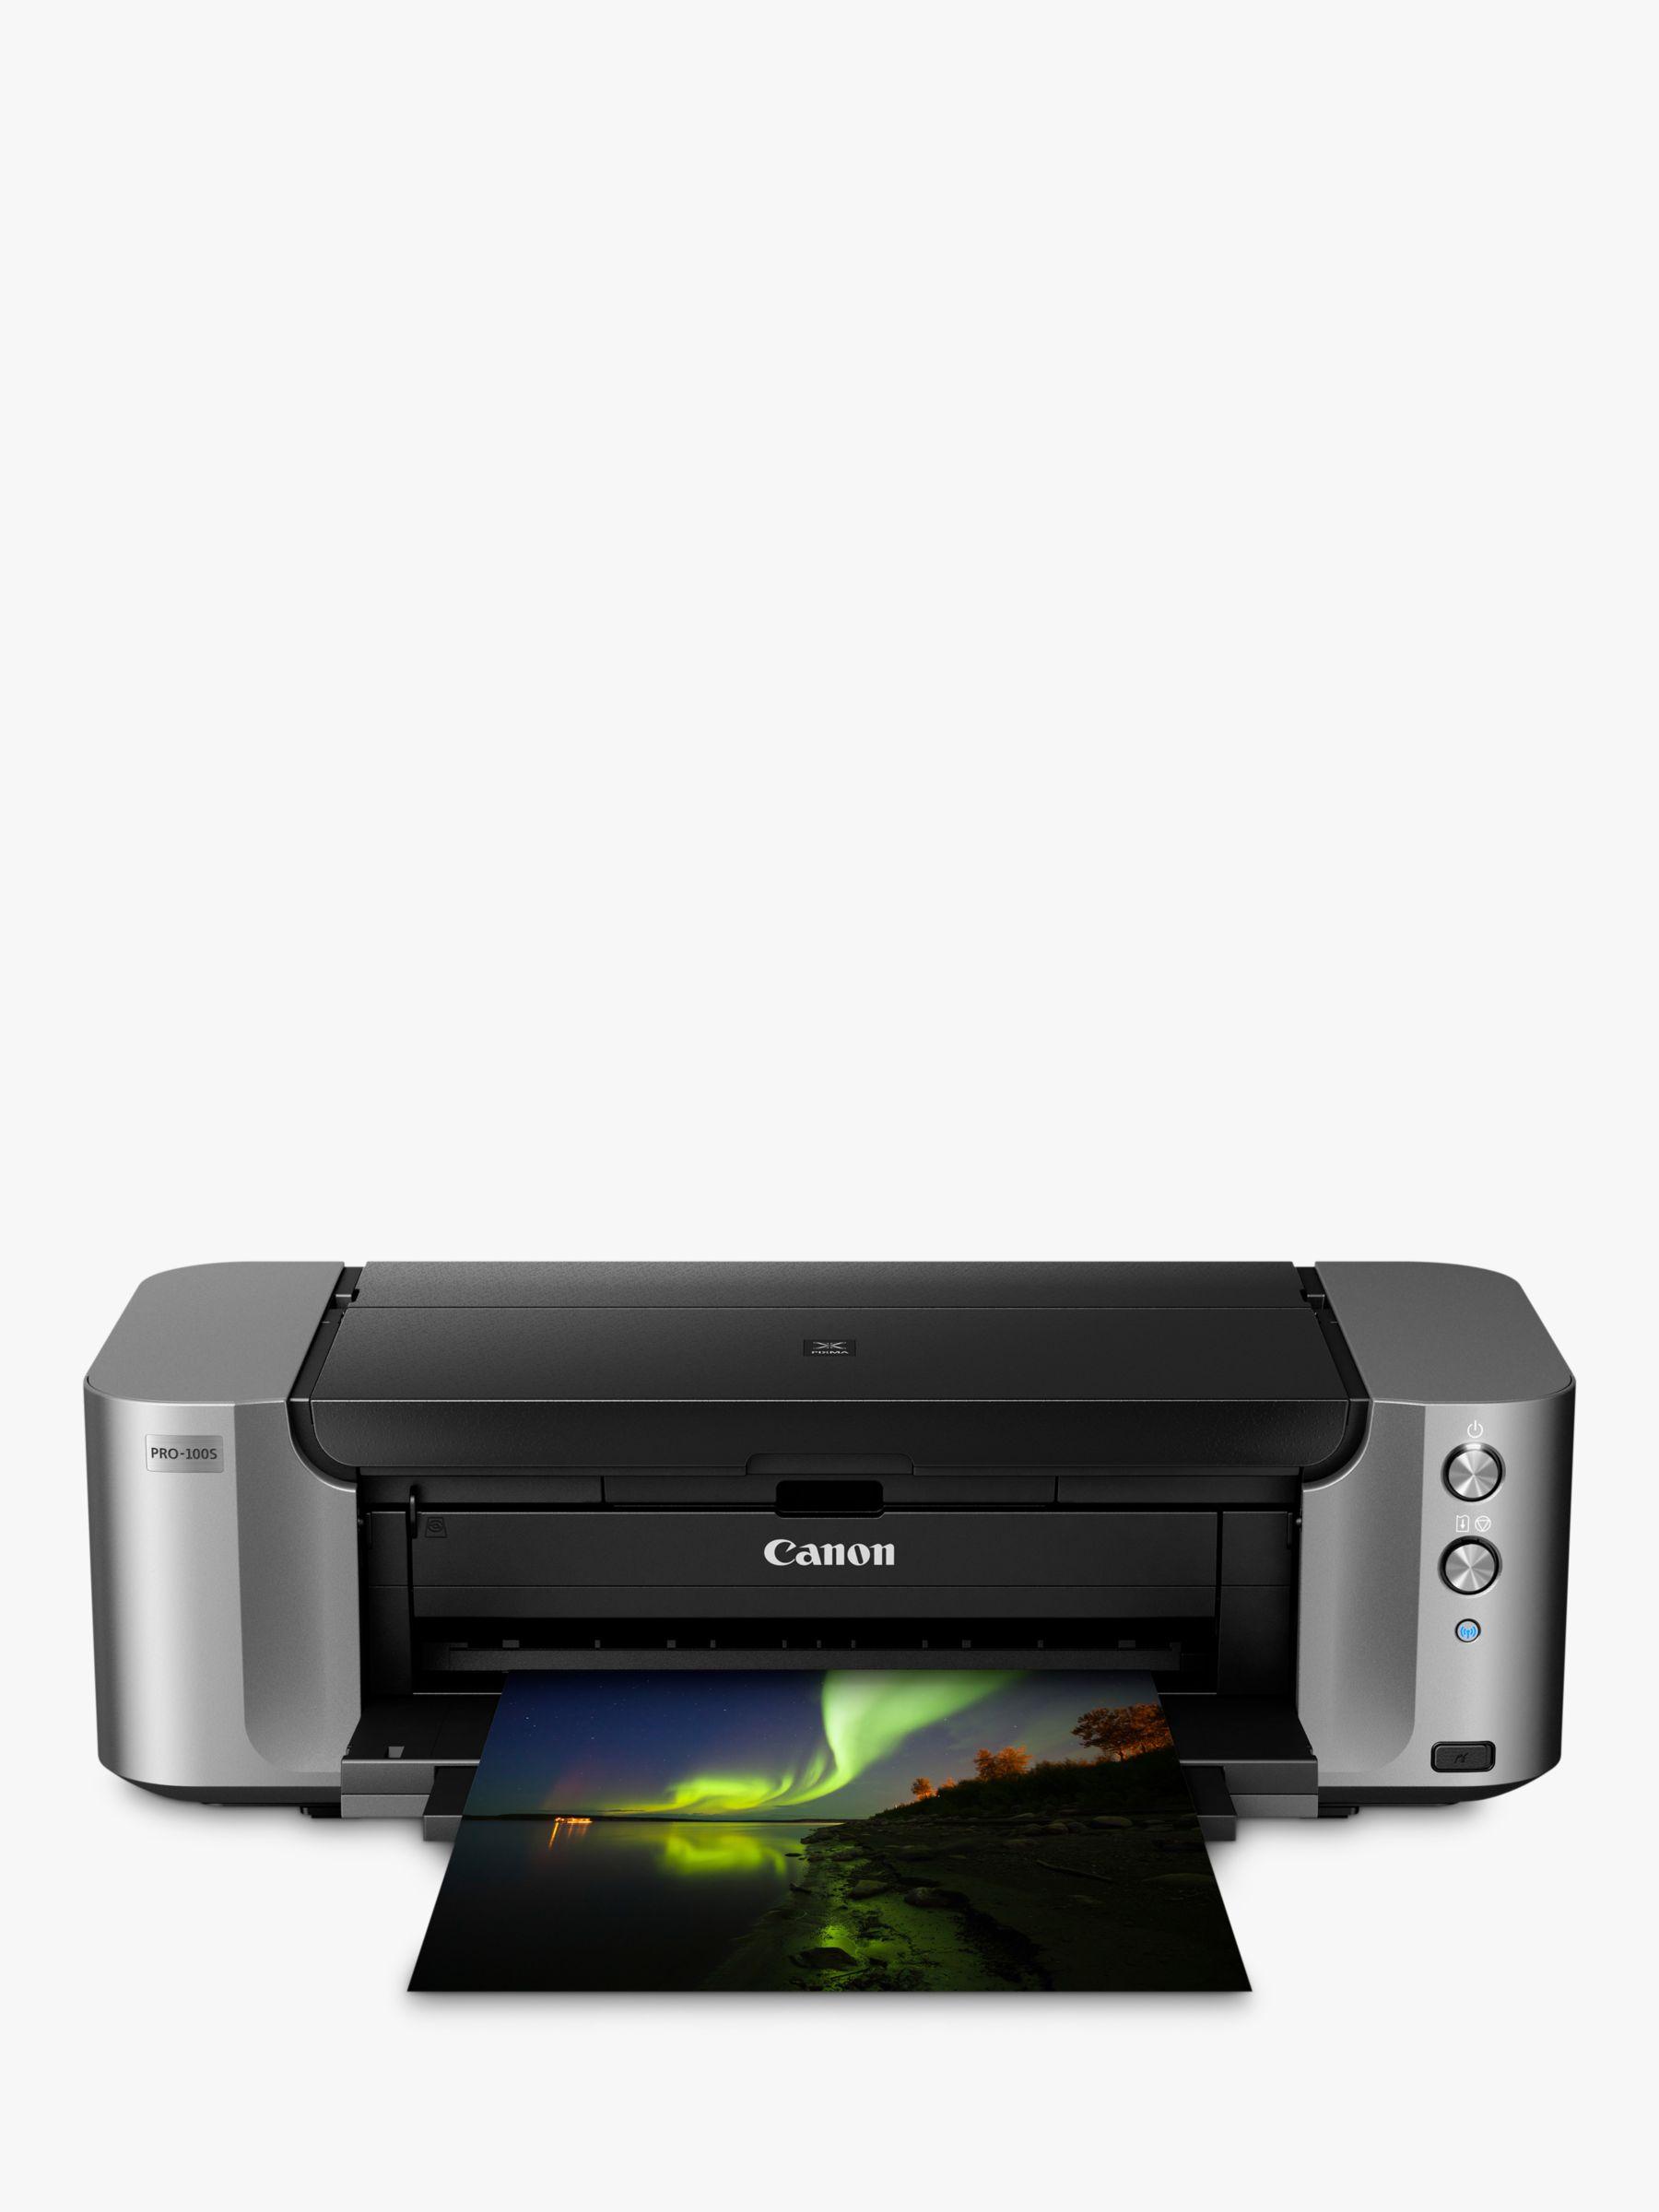 Canon Canon PIXMA Pro-100S Wireless A3+ Printer